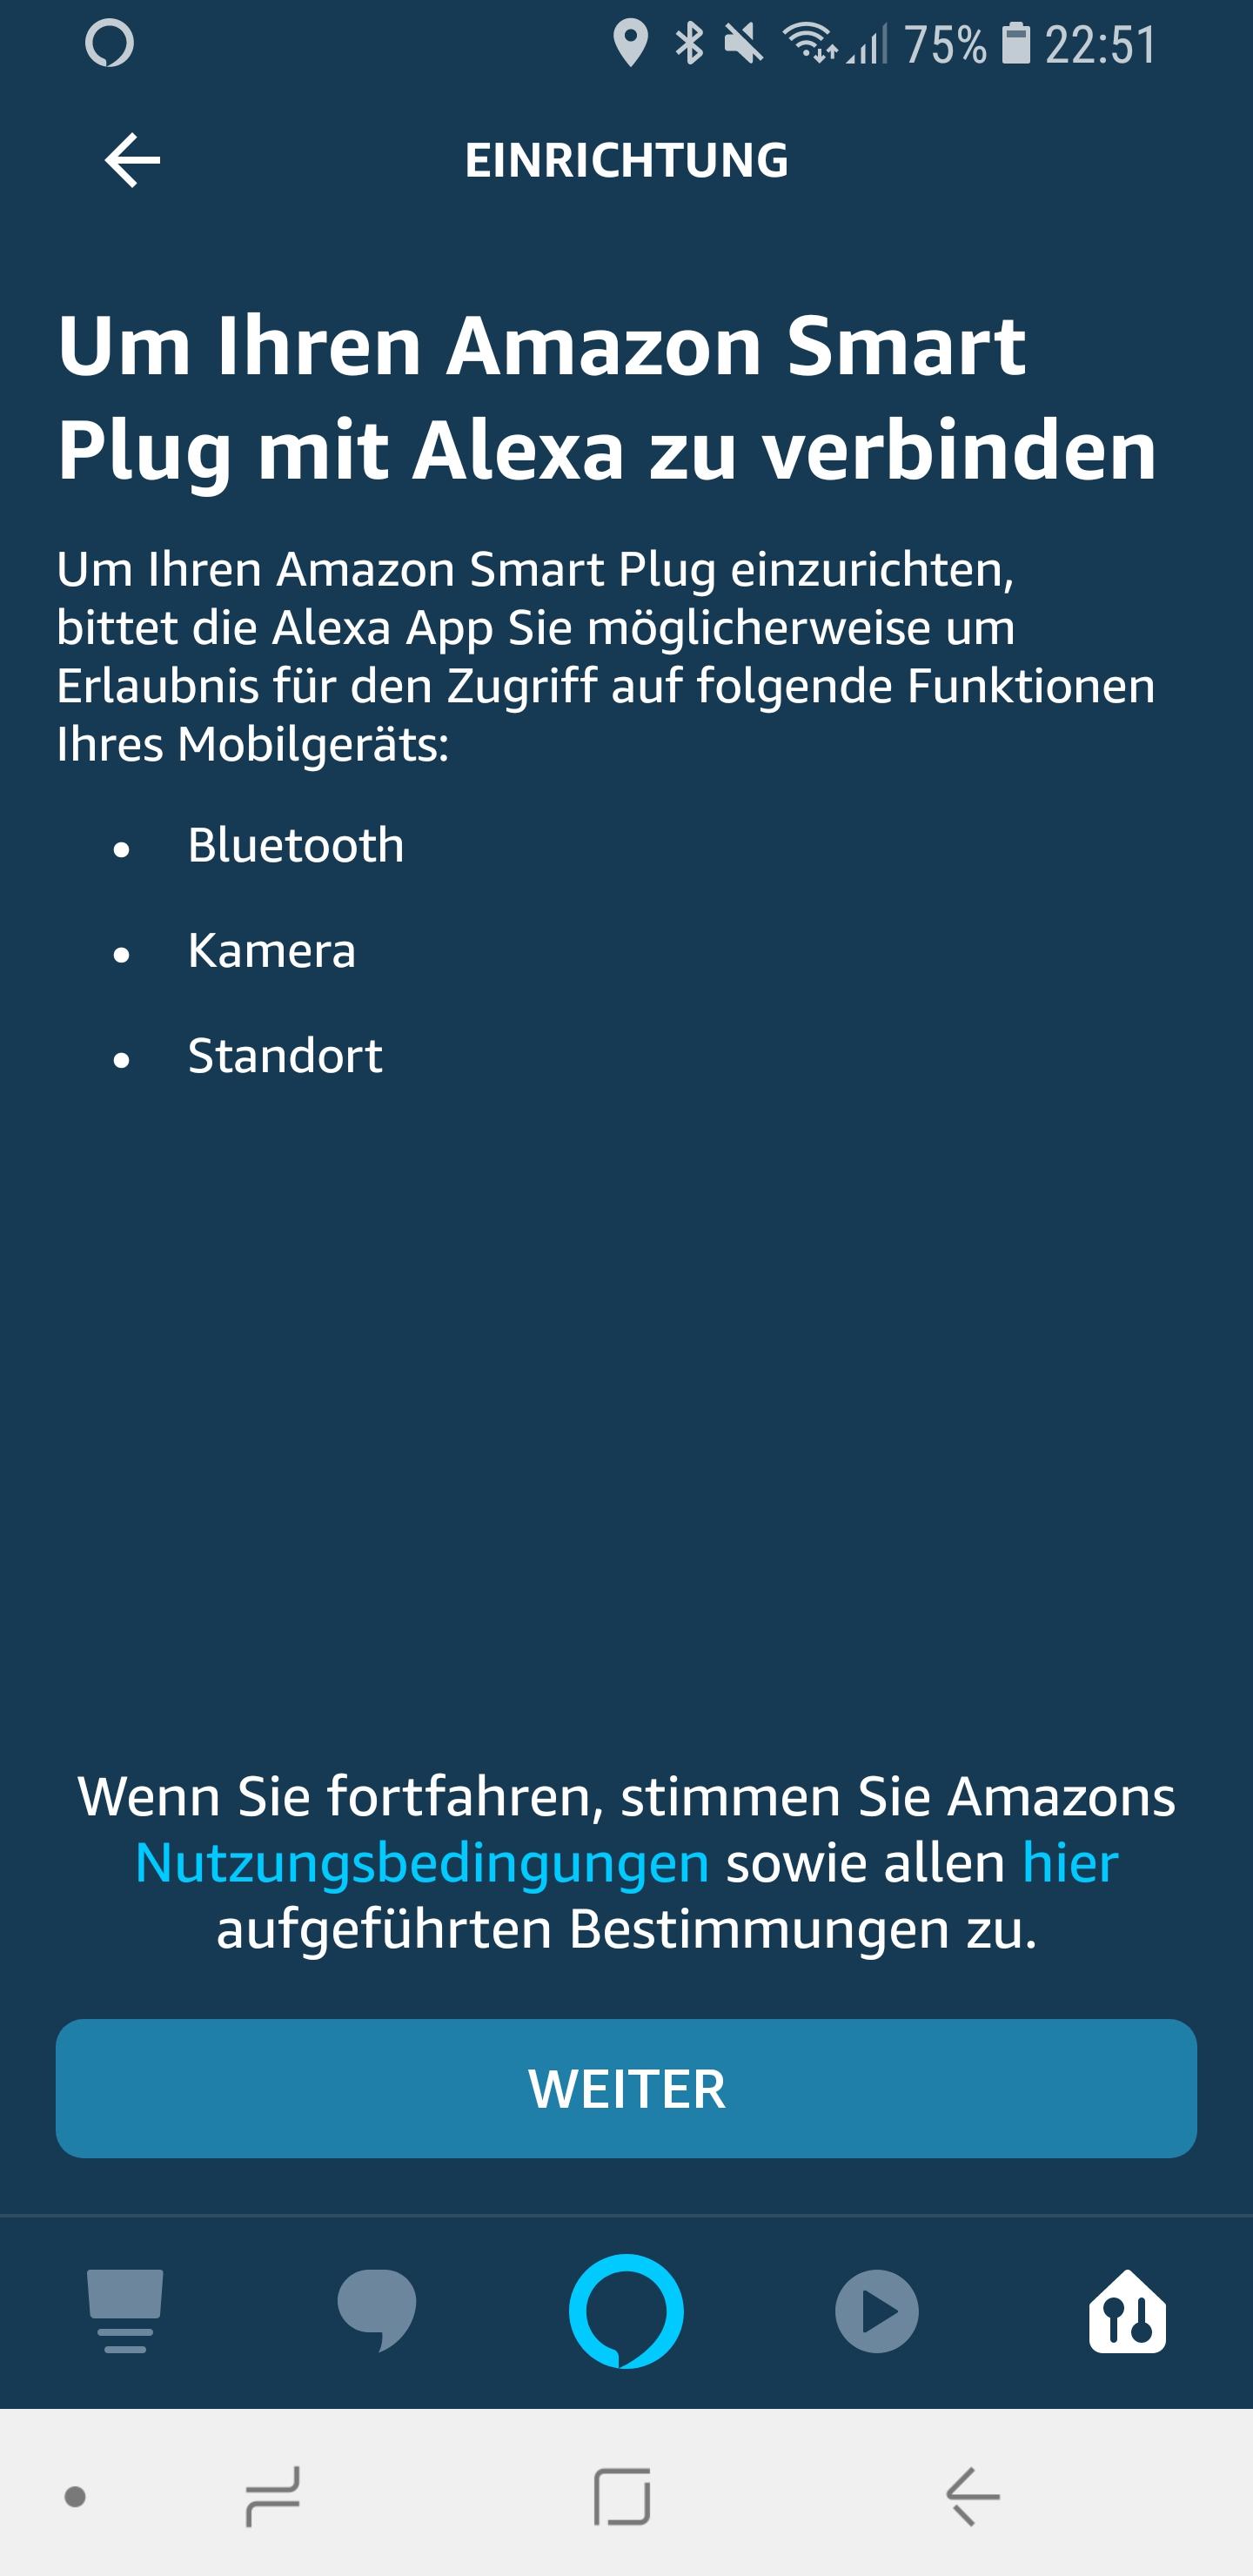 Amazon-Smart-Plug-einrichten-05